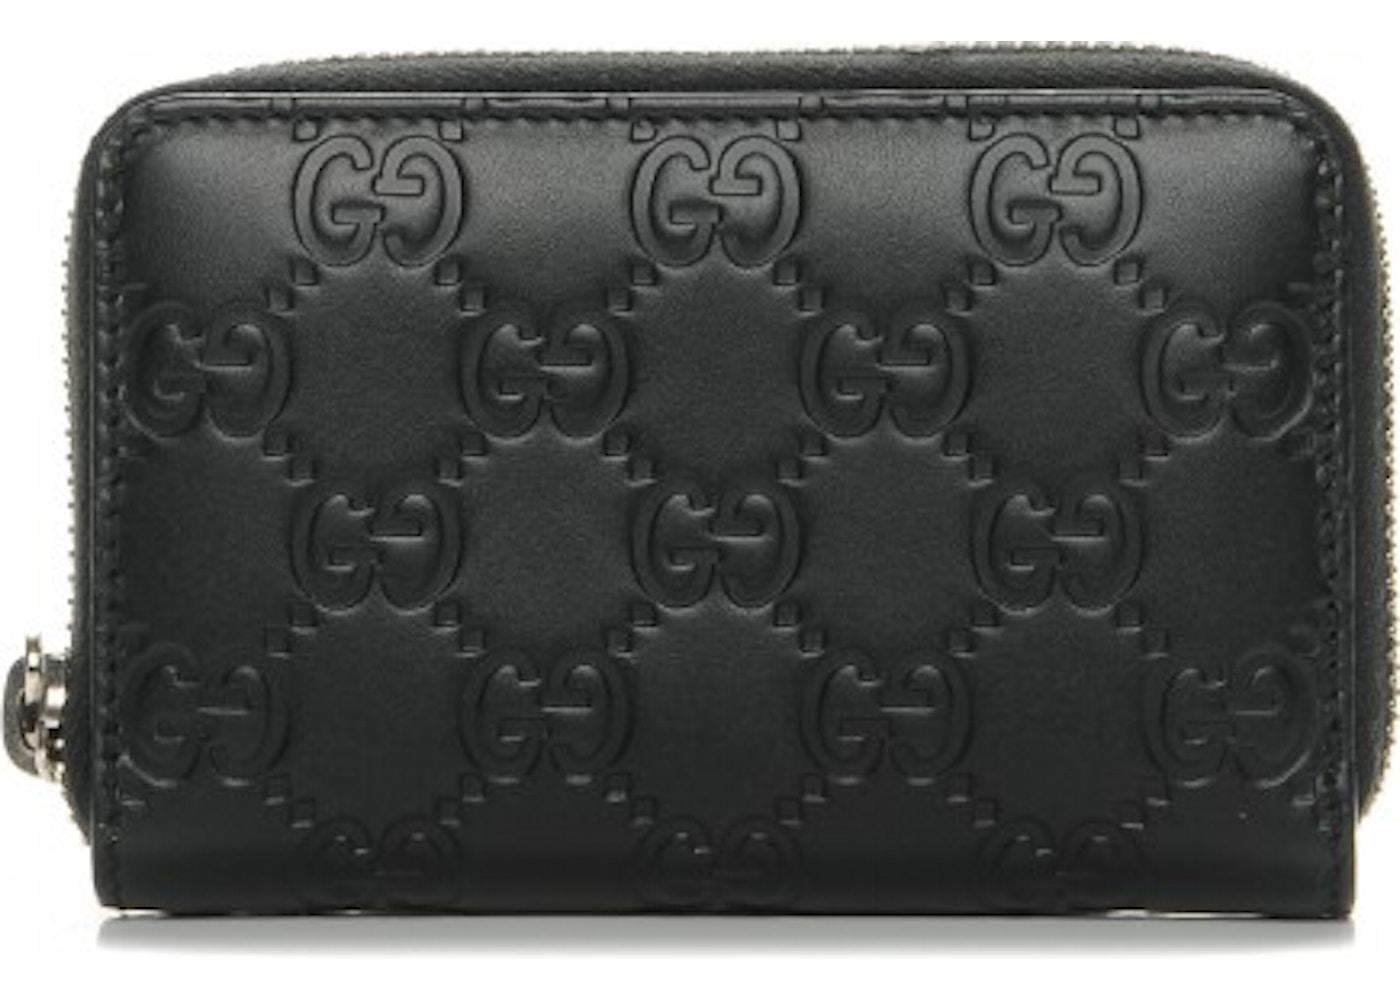 58baf7e593d Gucci Zip Around Card Case Monogram Guccissima Black. Monogram Guccissima  Black